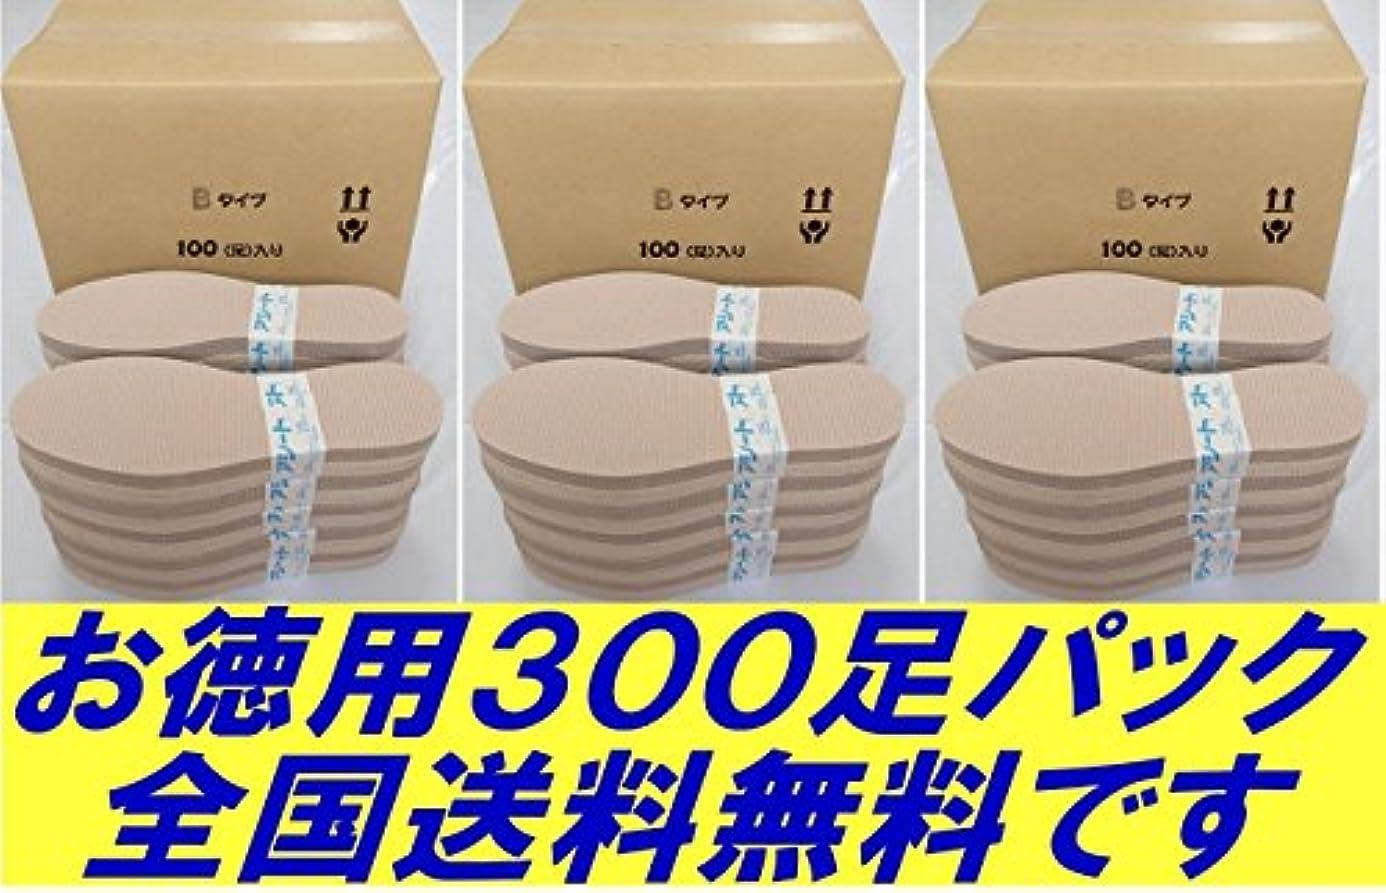 円周のスコアバウンドアシートBタイプお徳用パック300足入り (26.5~27.0cm)